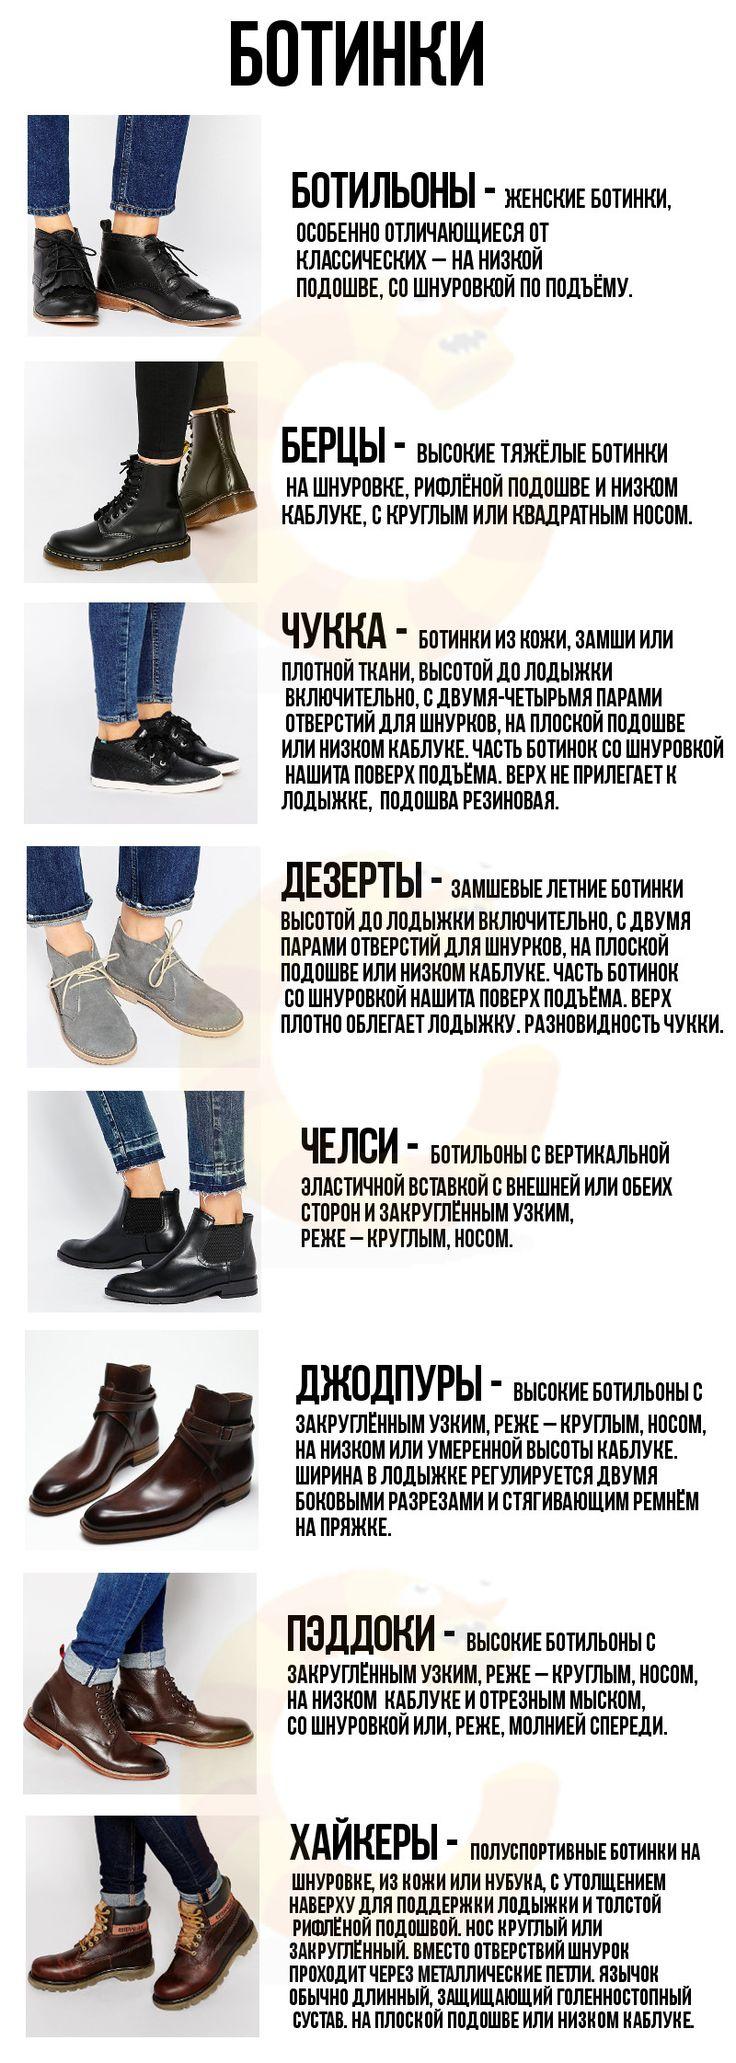 Картинки по запросу название обуви с картинками